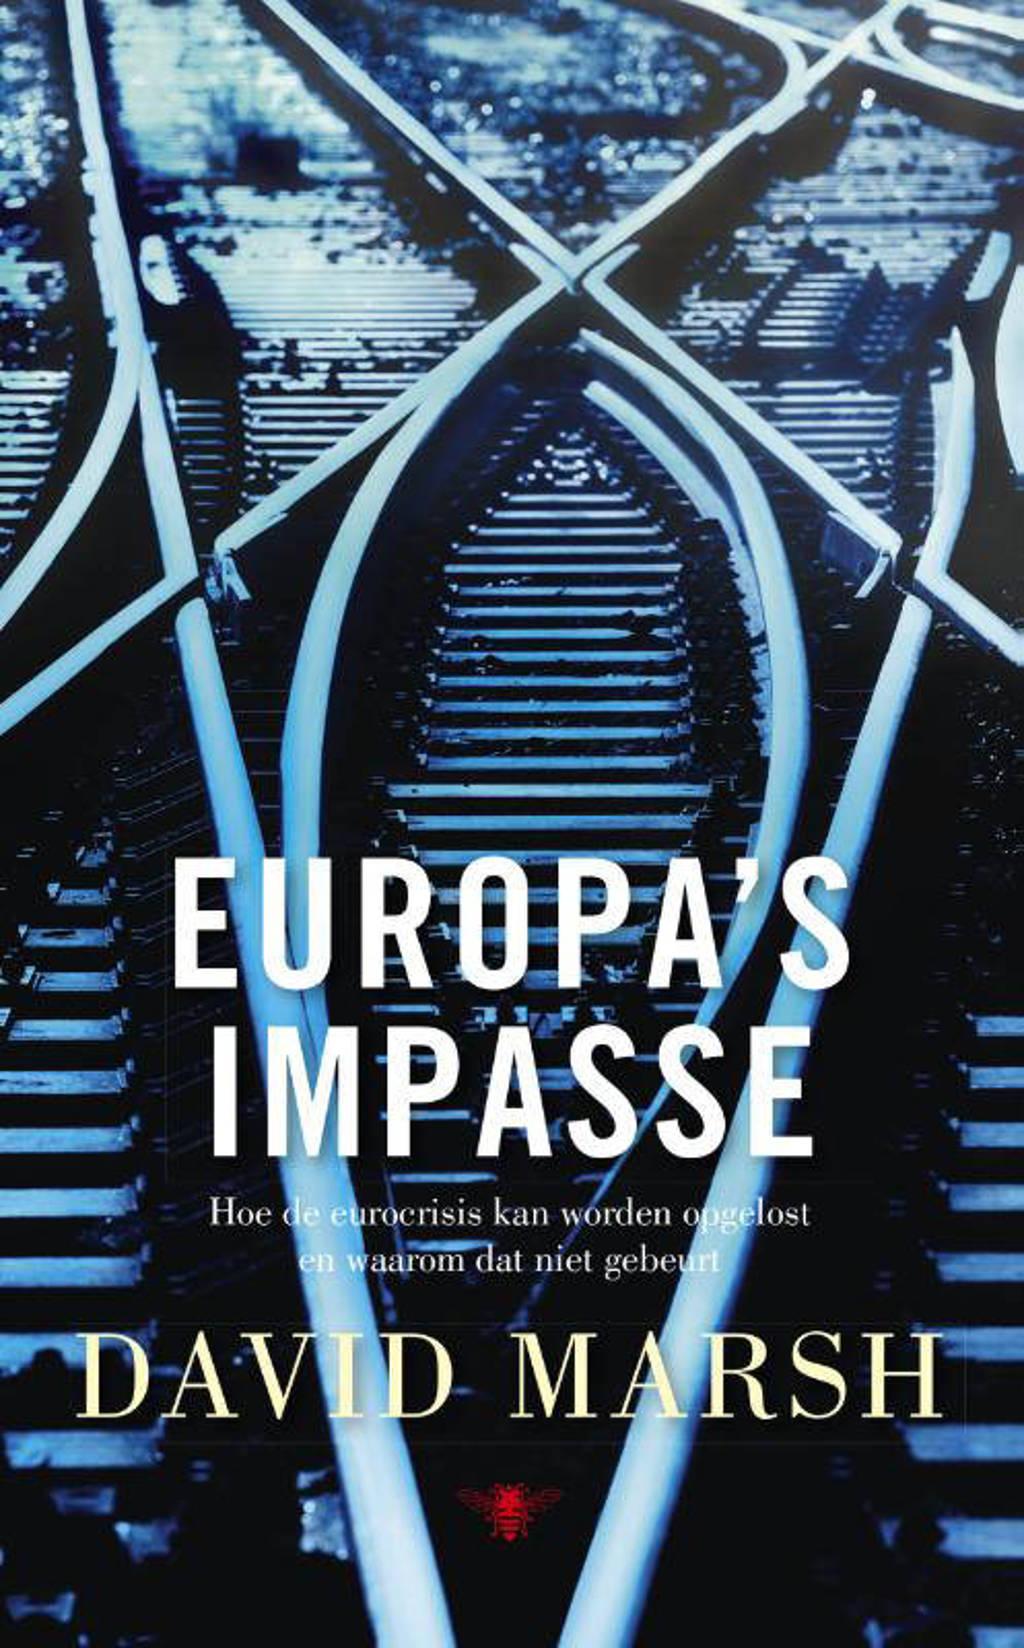 Europa's impasse - David Marsh